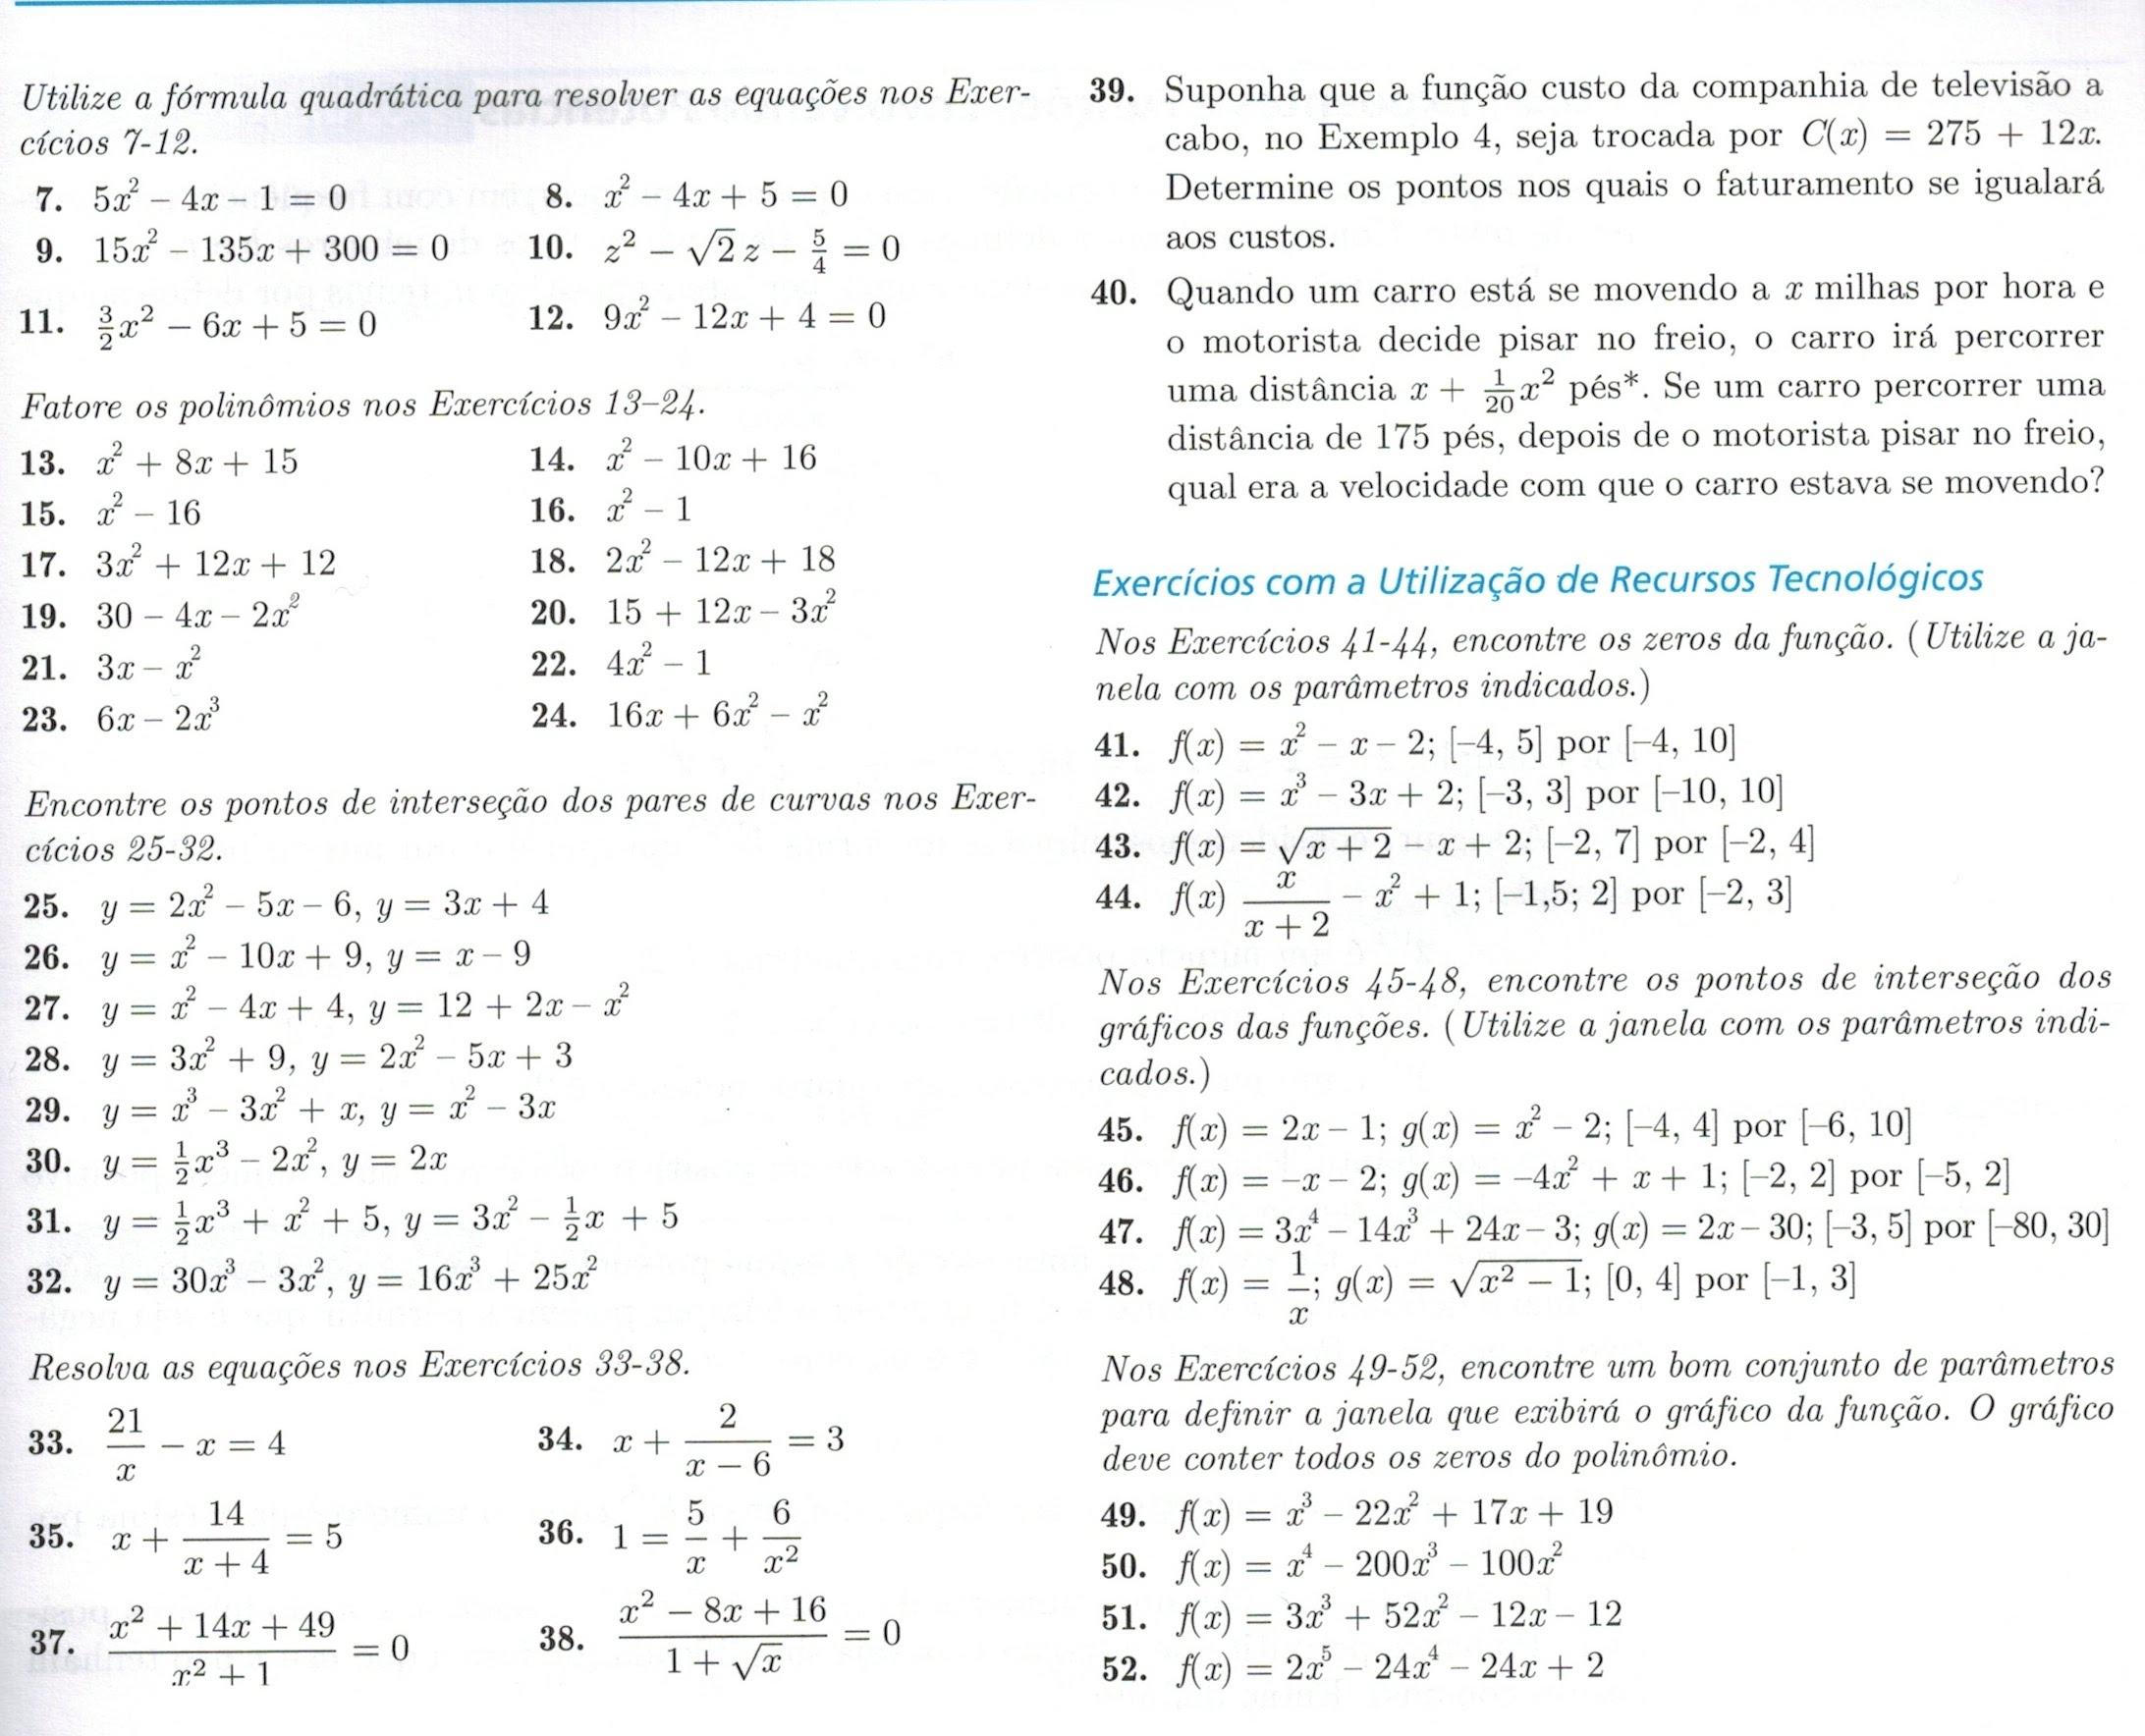 0.4. Zero de funções - a fórmula quadrática e fatoração